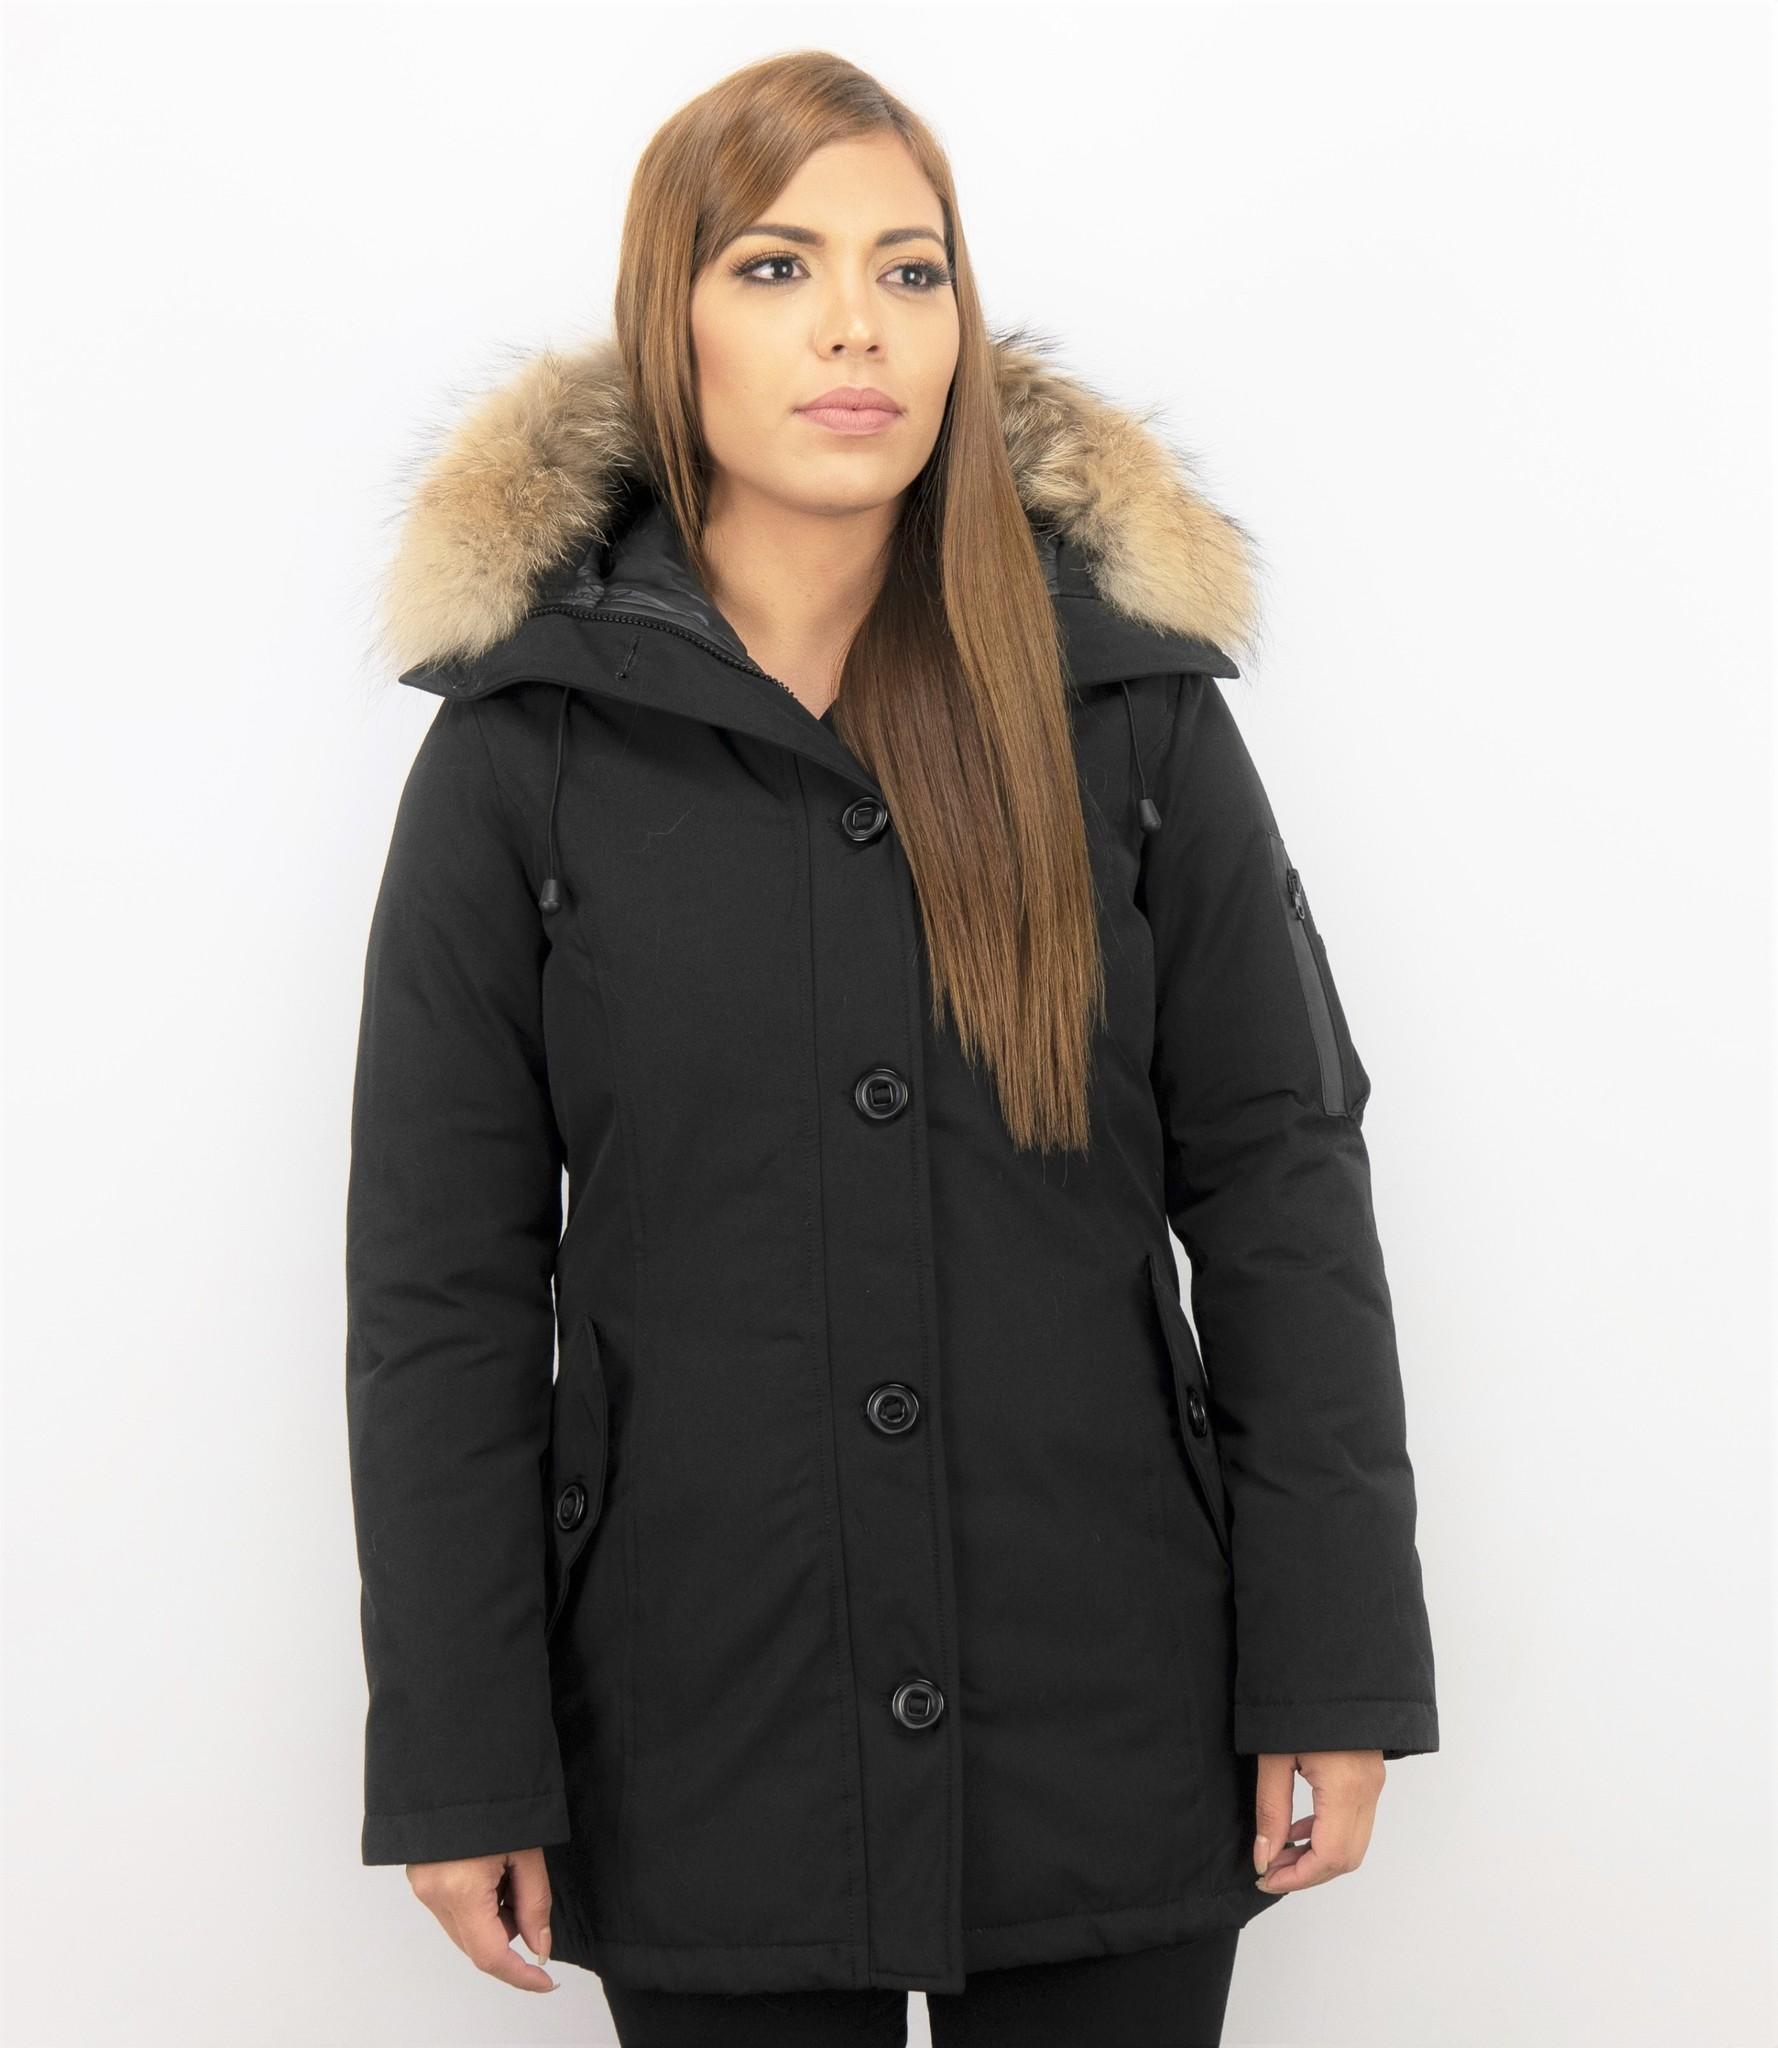 goedkope jassen met bontkraag dames